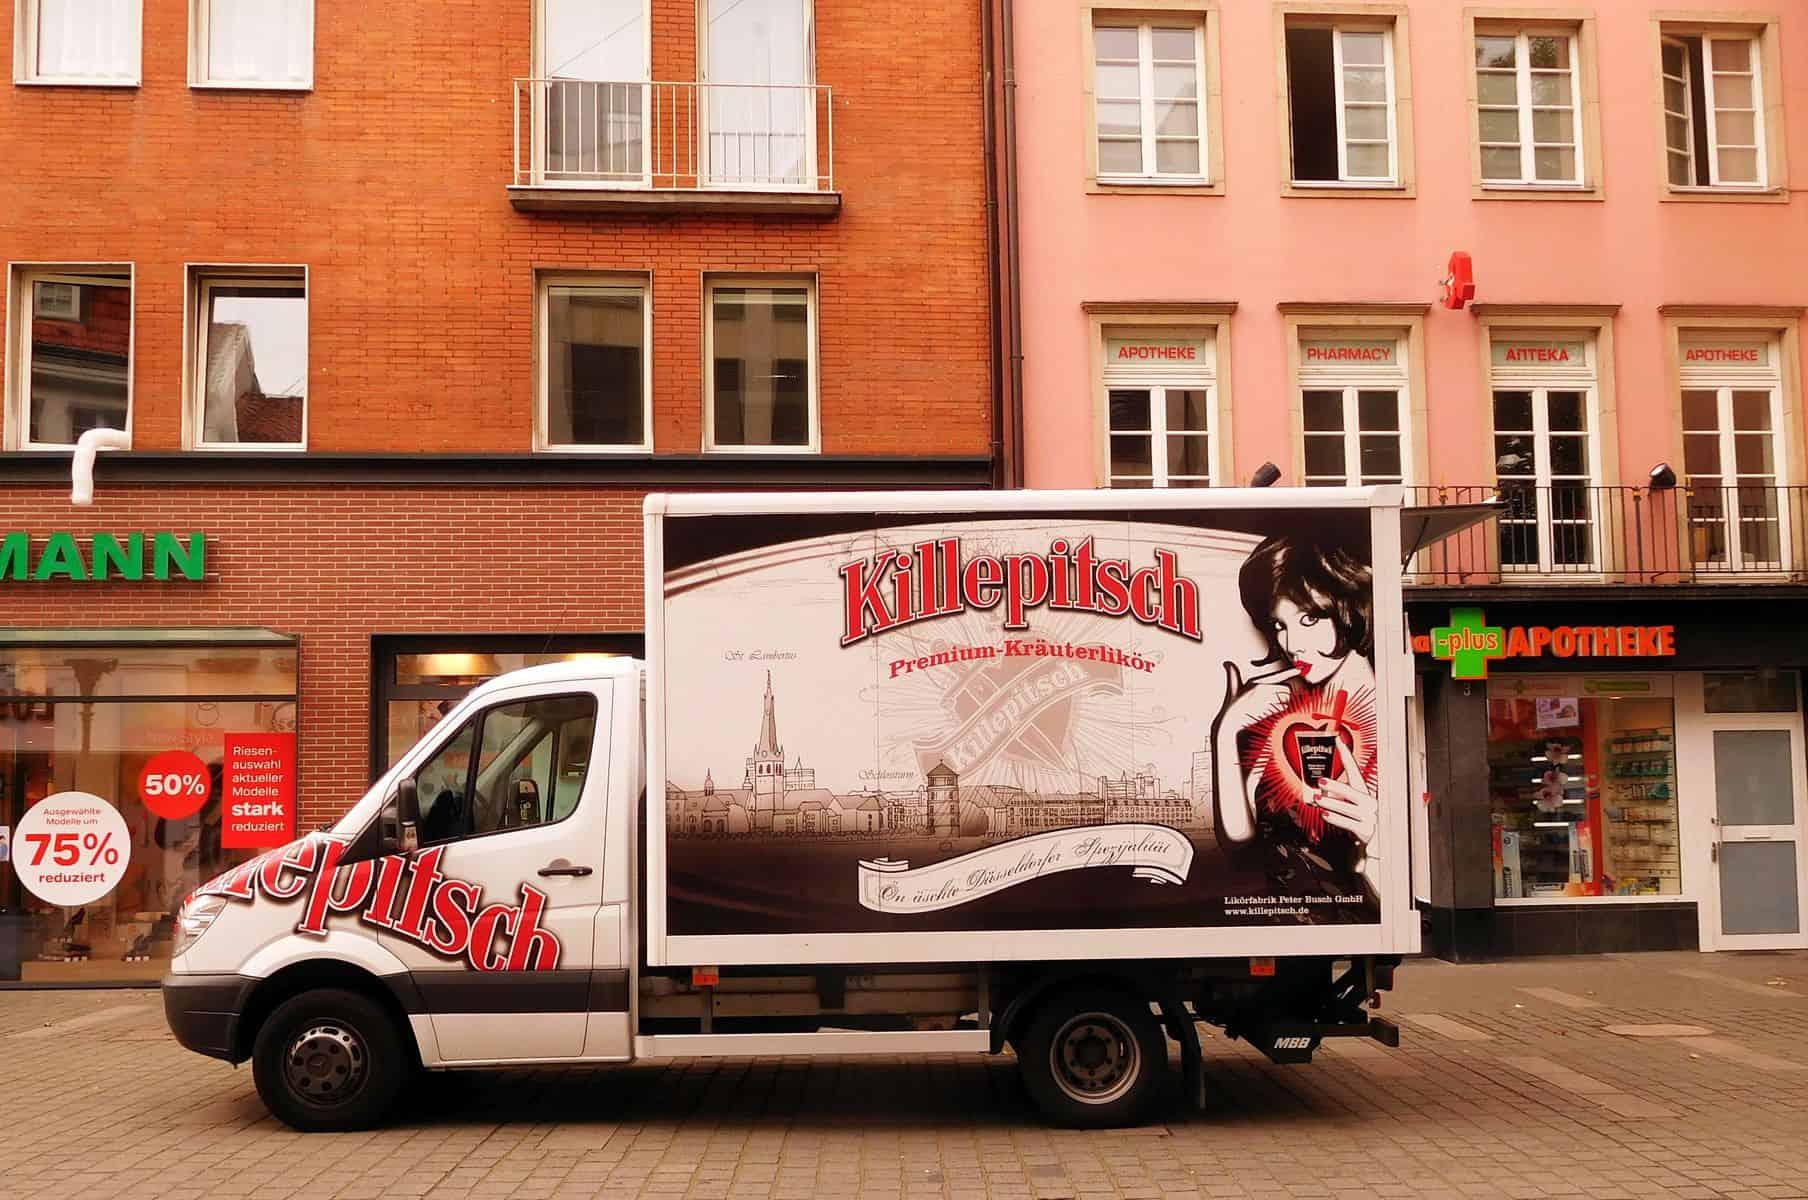 Immer stilsicher, immer schön: auch der Killepitsch-Lieferwagen (Foto: TD)